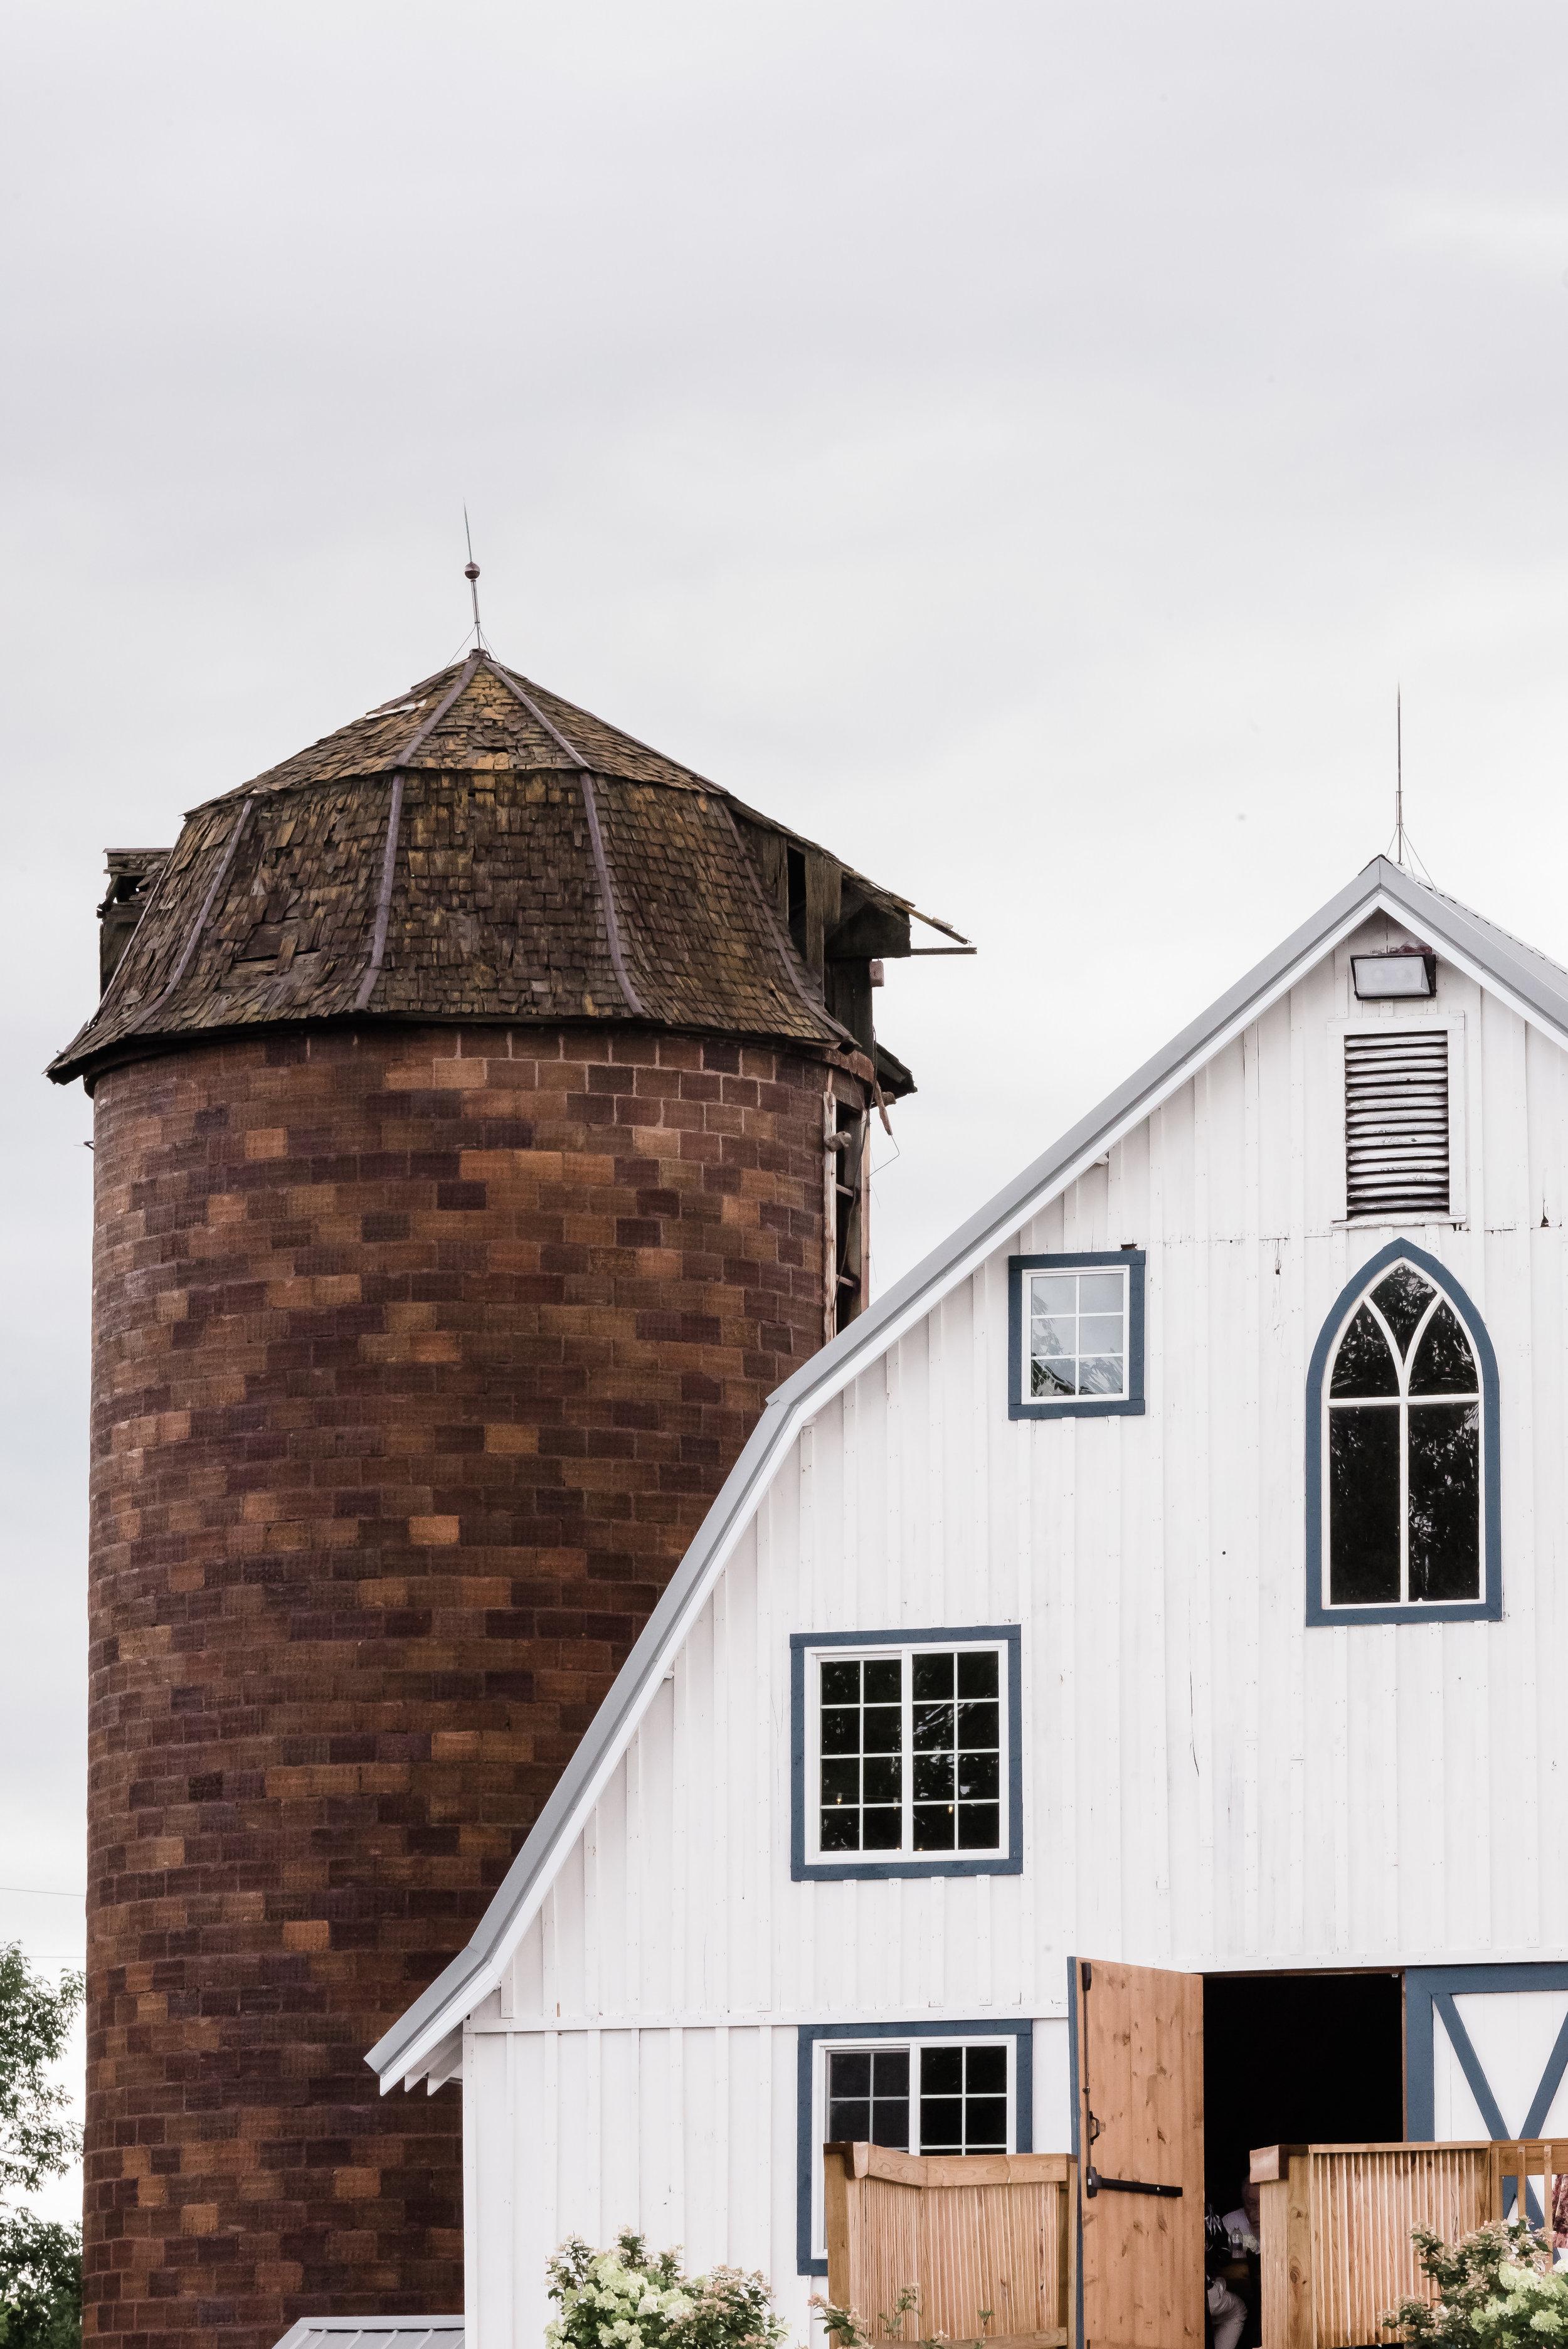 Bloom Lake Barn - Shafer, MN - Laura Robinson Photography